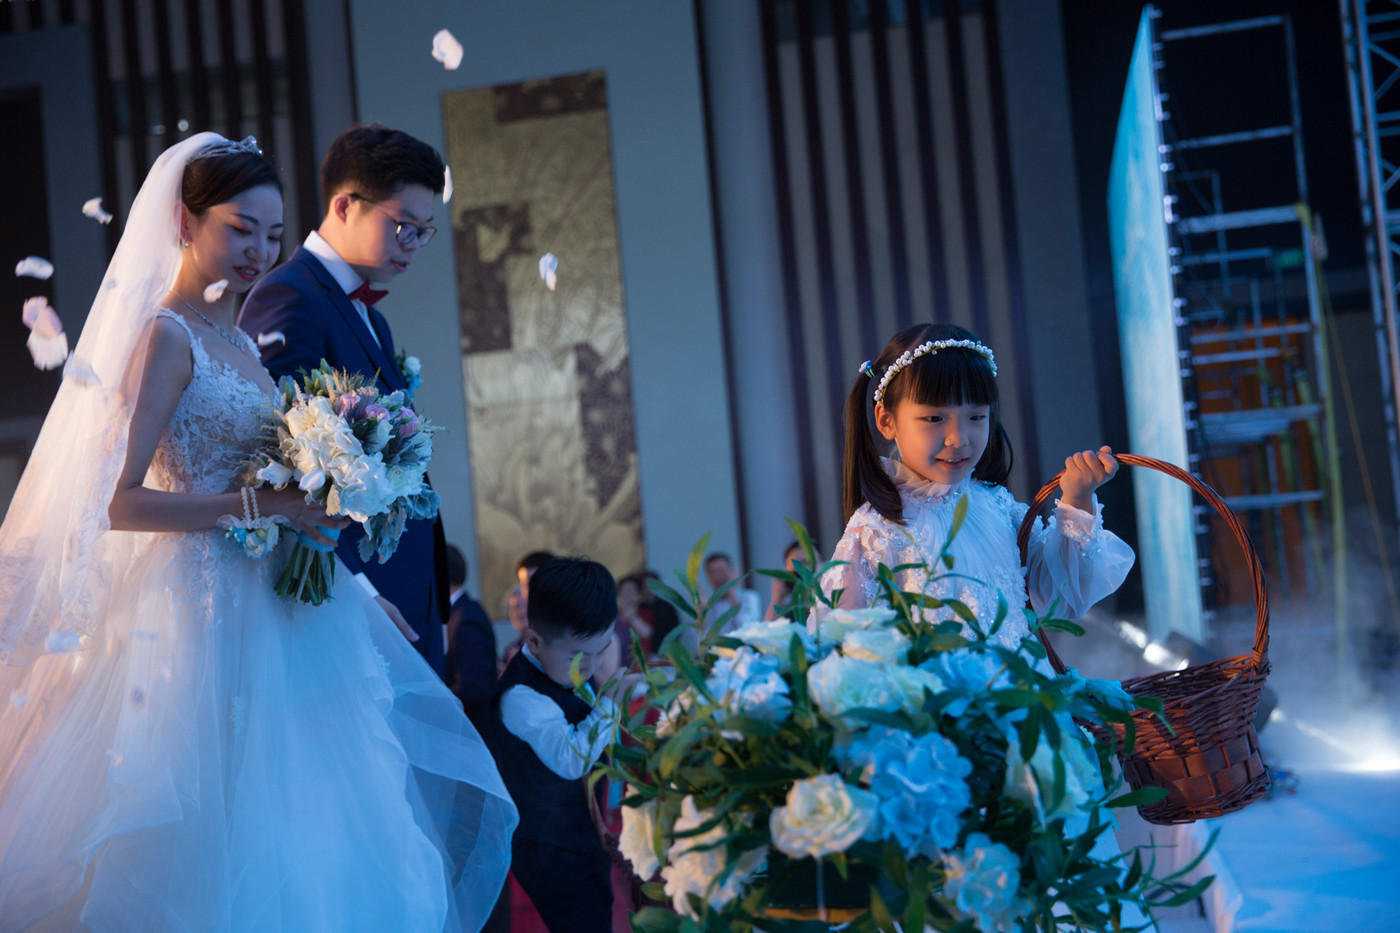 【KAI 婚礼纪实】P&S 南京婚礼56